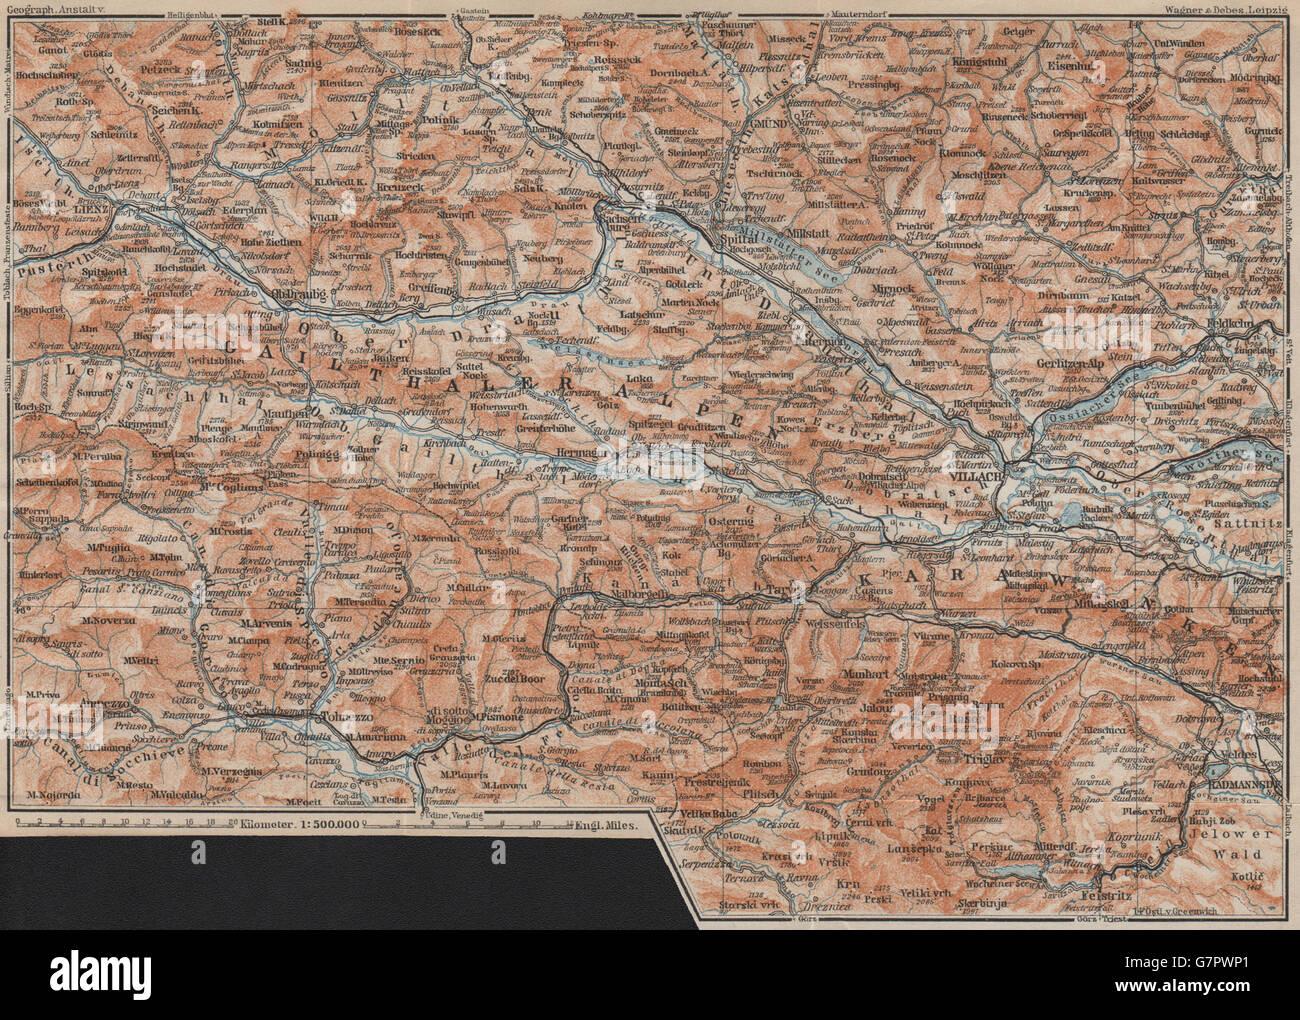 karte kärnten italien Kärntner Alpen Lienz Villach Triglav See Bled Österreich Italien